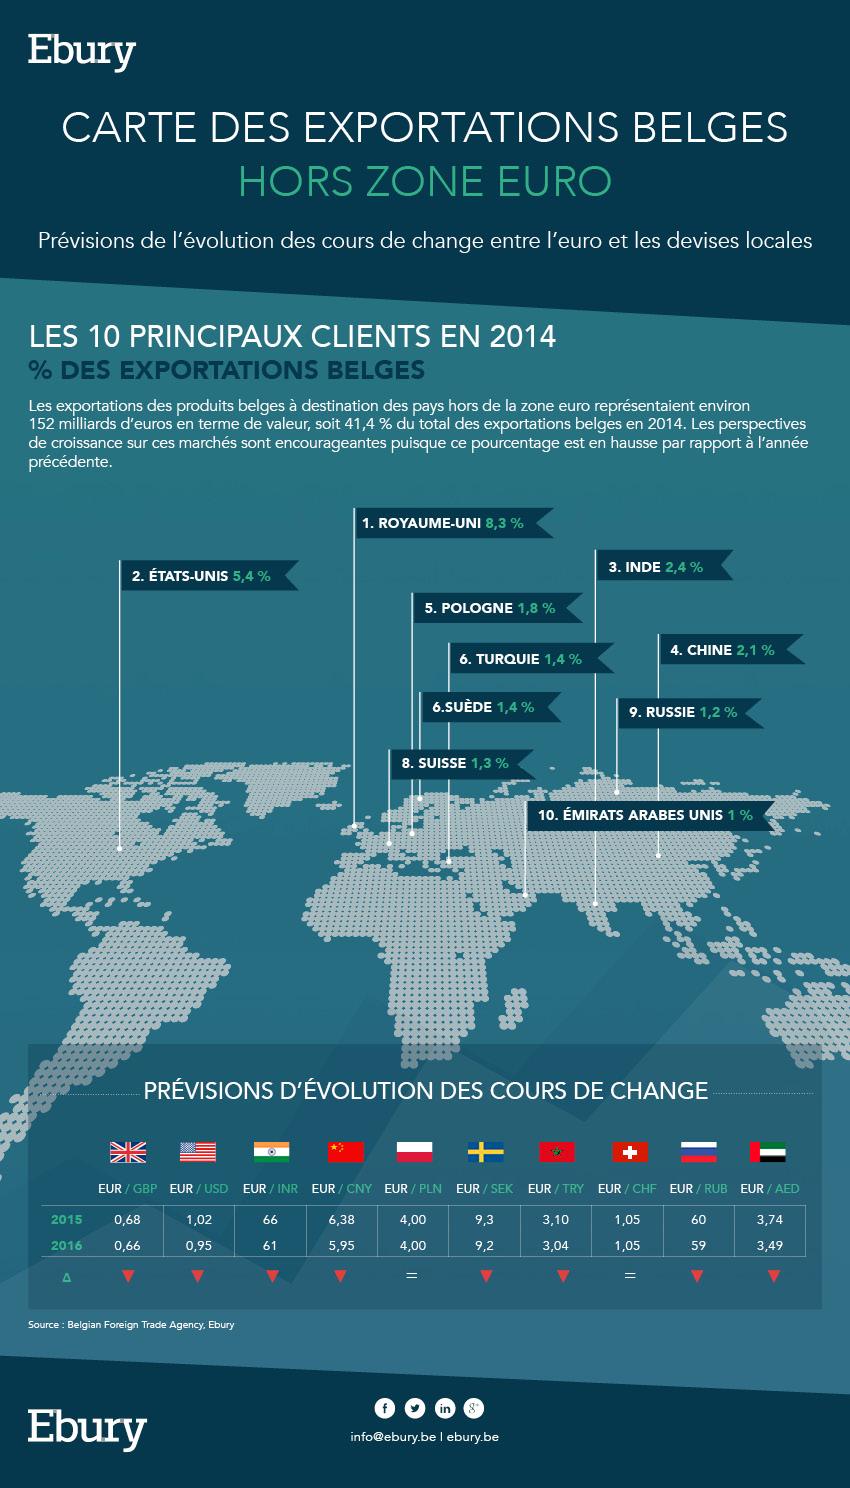 Carte des exportations belges